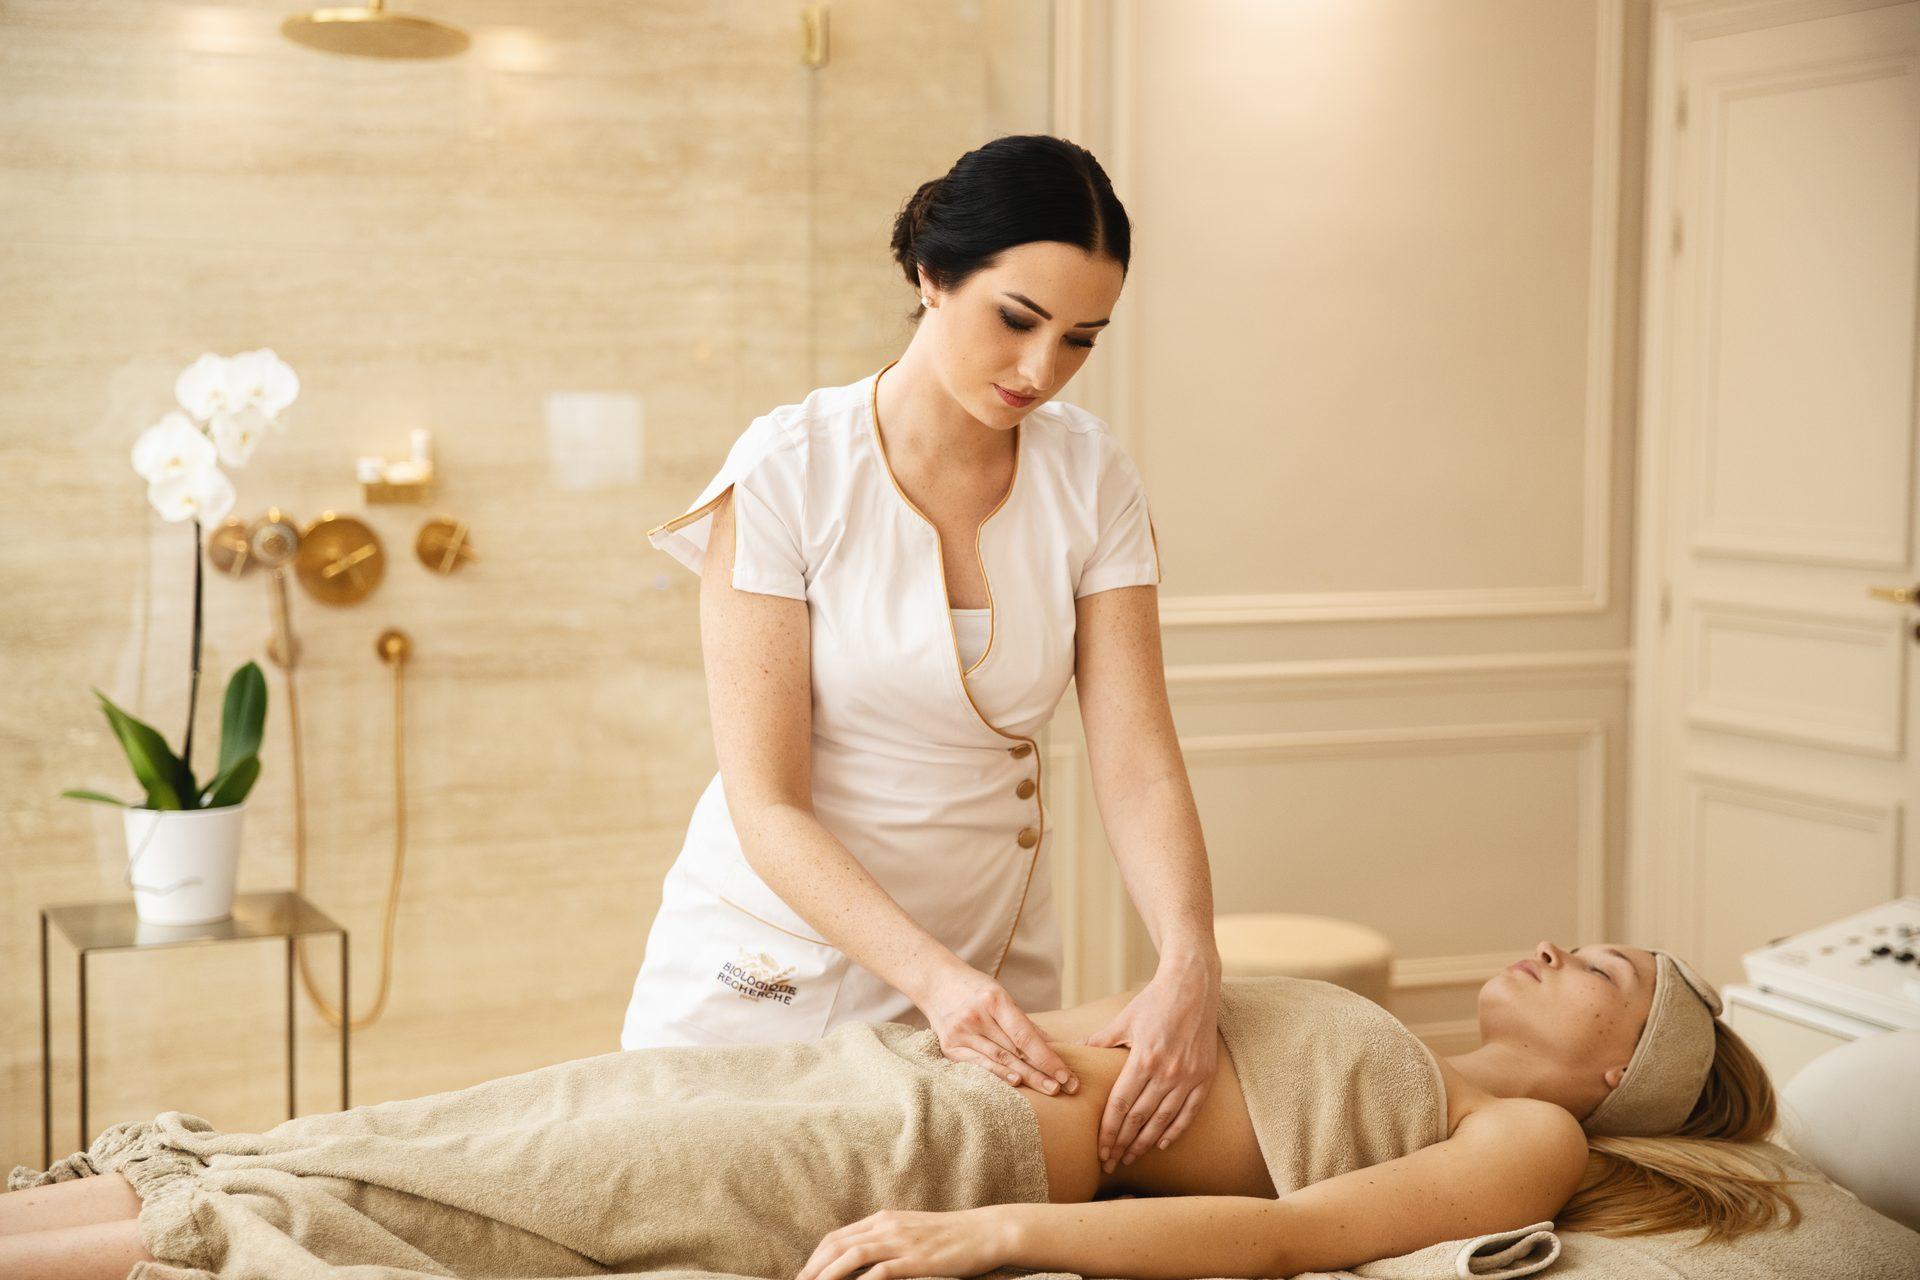 Körperbehandlung bei Kundin - Haut- und Körperpflege bei evas concept